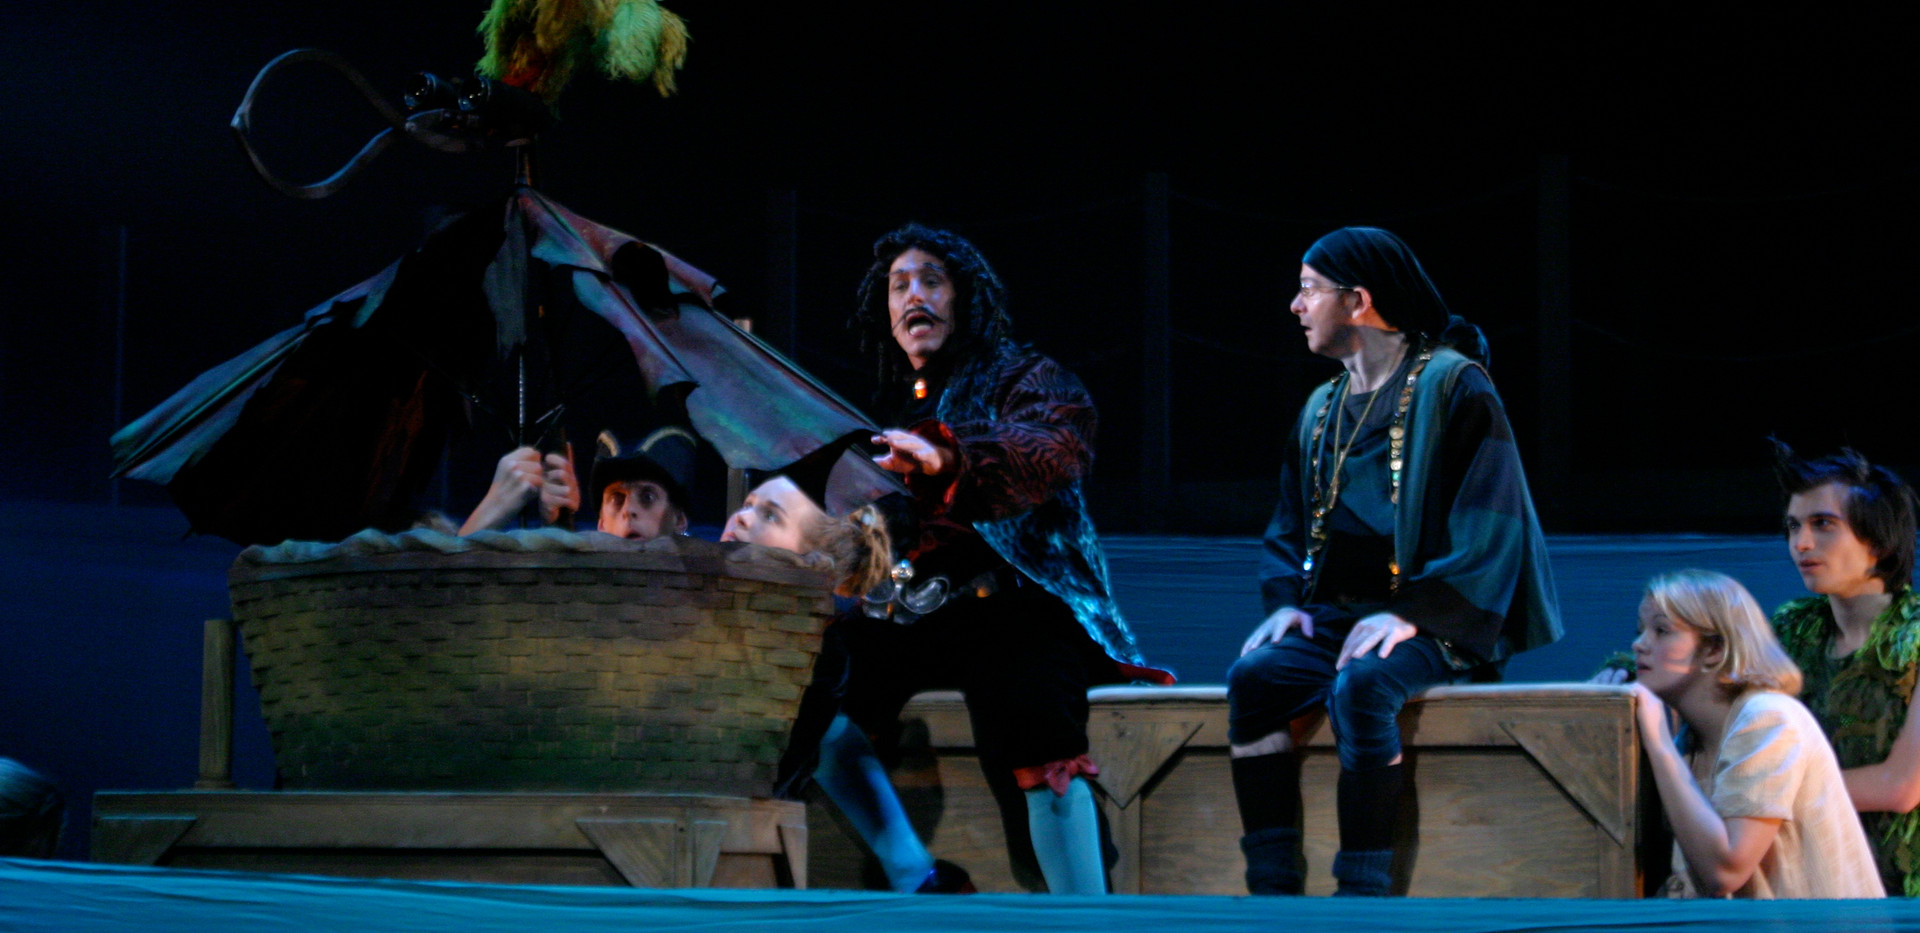 Peter Pan Never Bird with Pirates